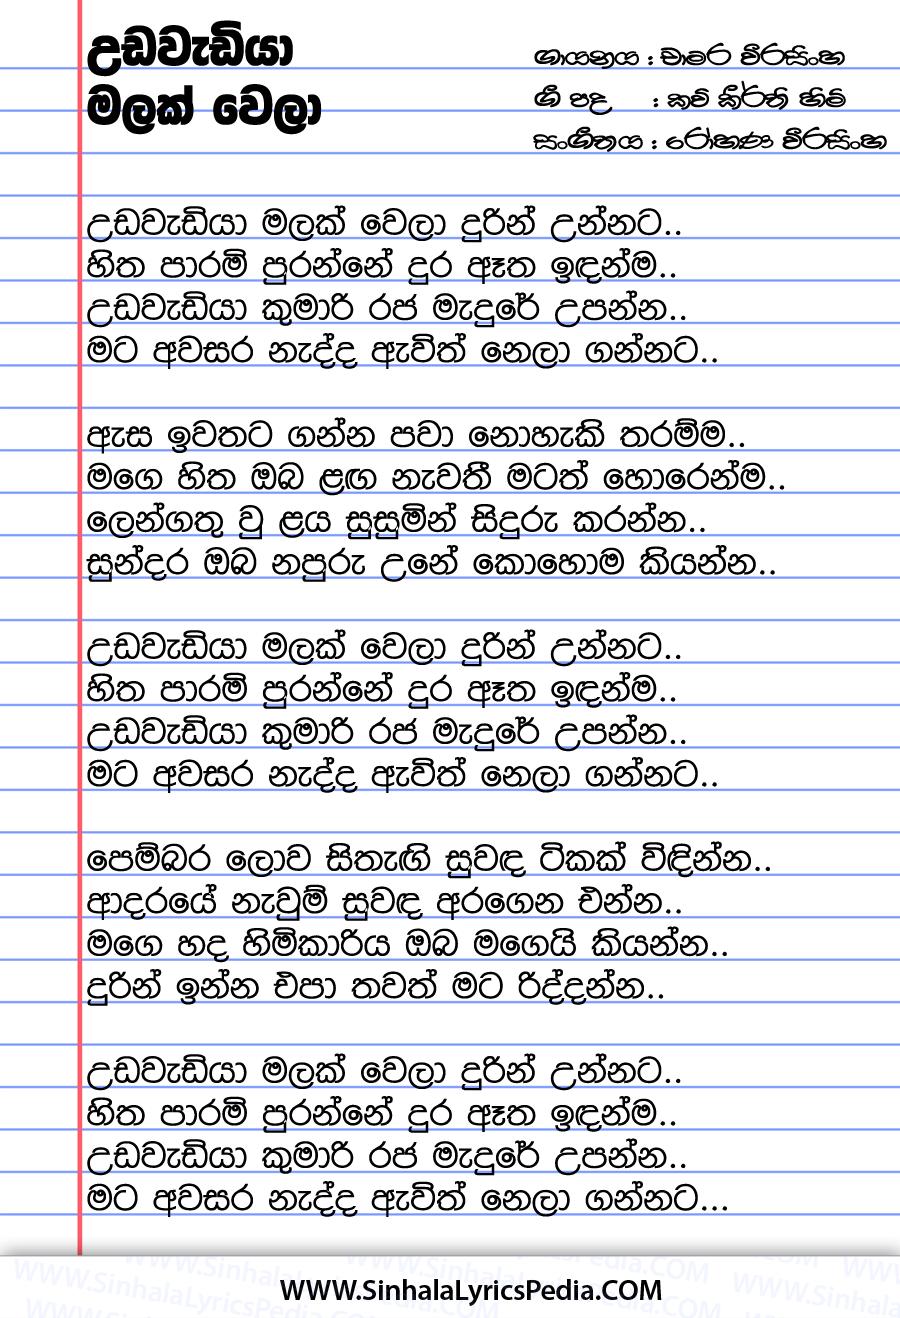 Udawadiya Malak Wela Song Lyrics